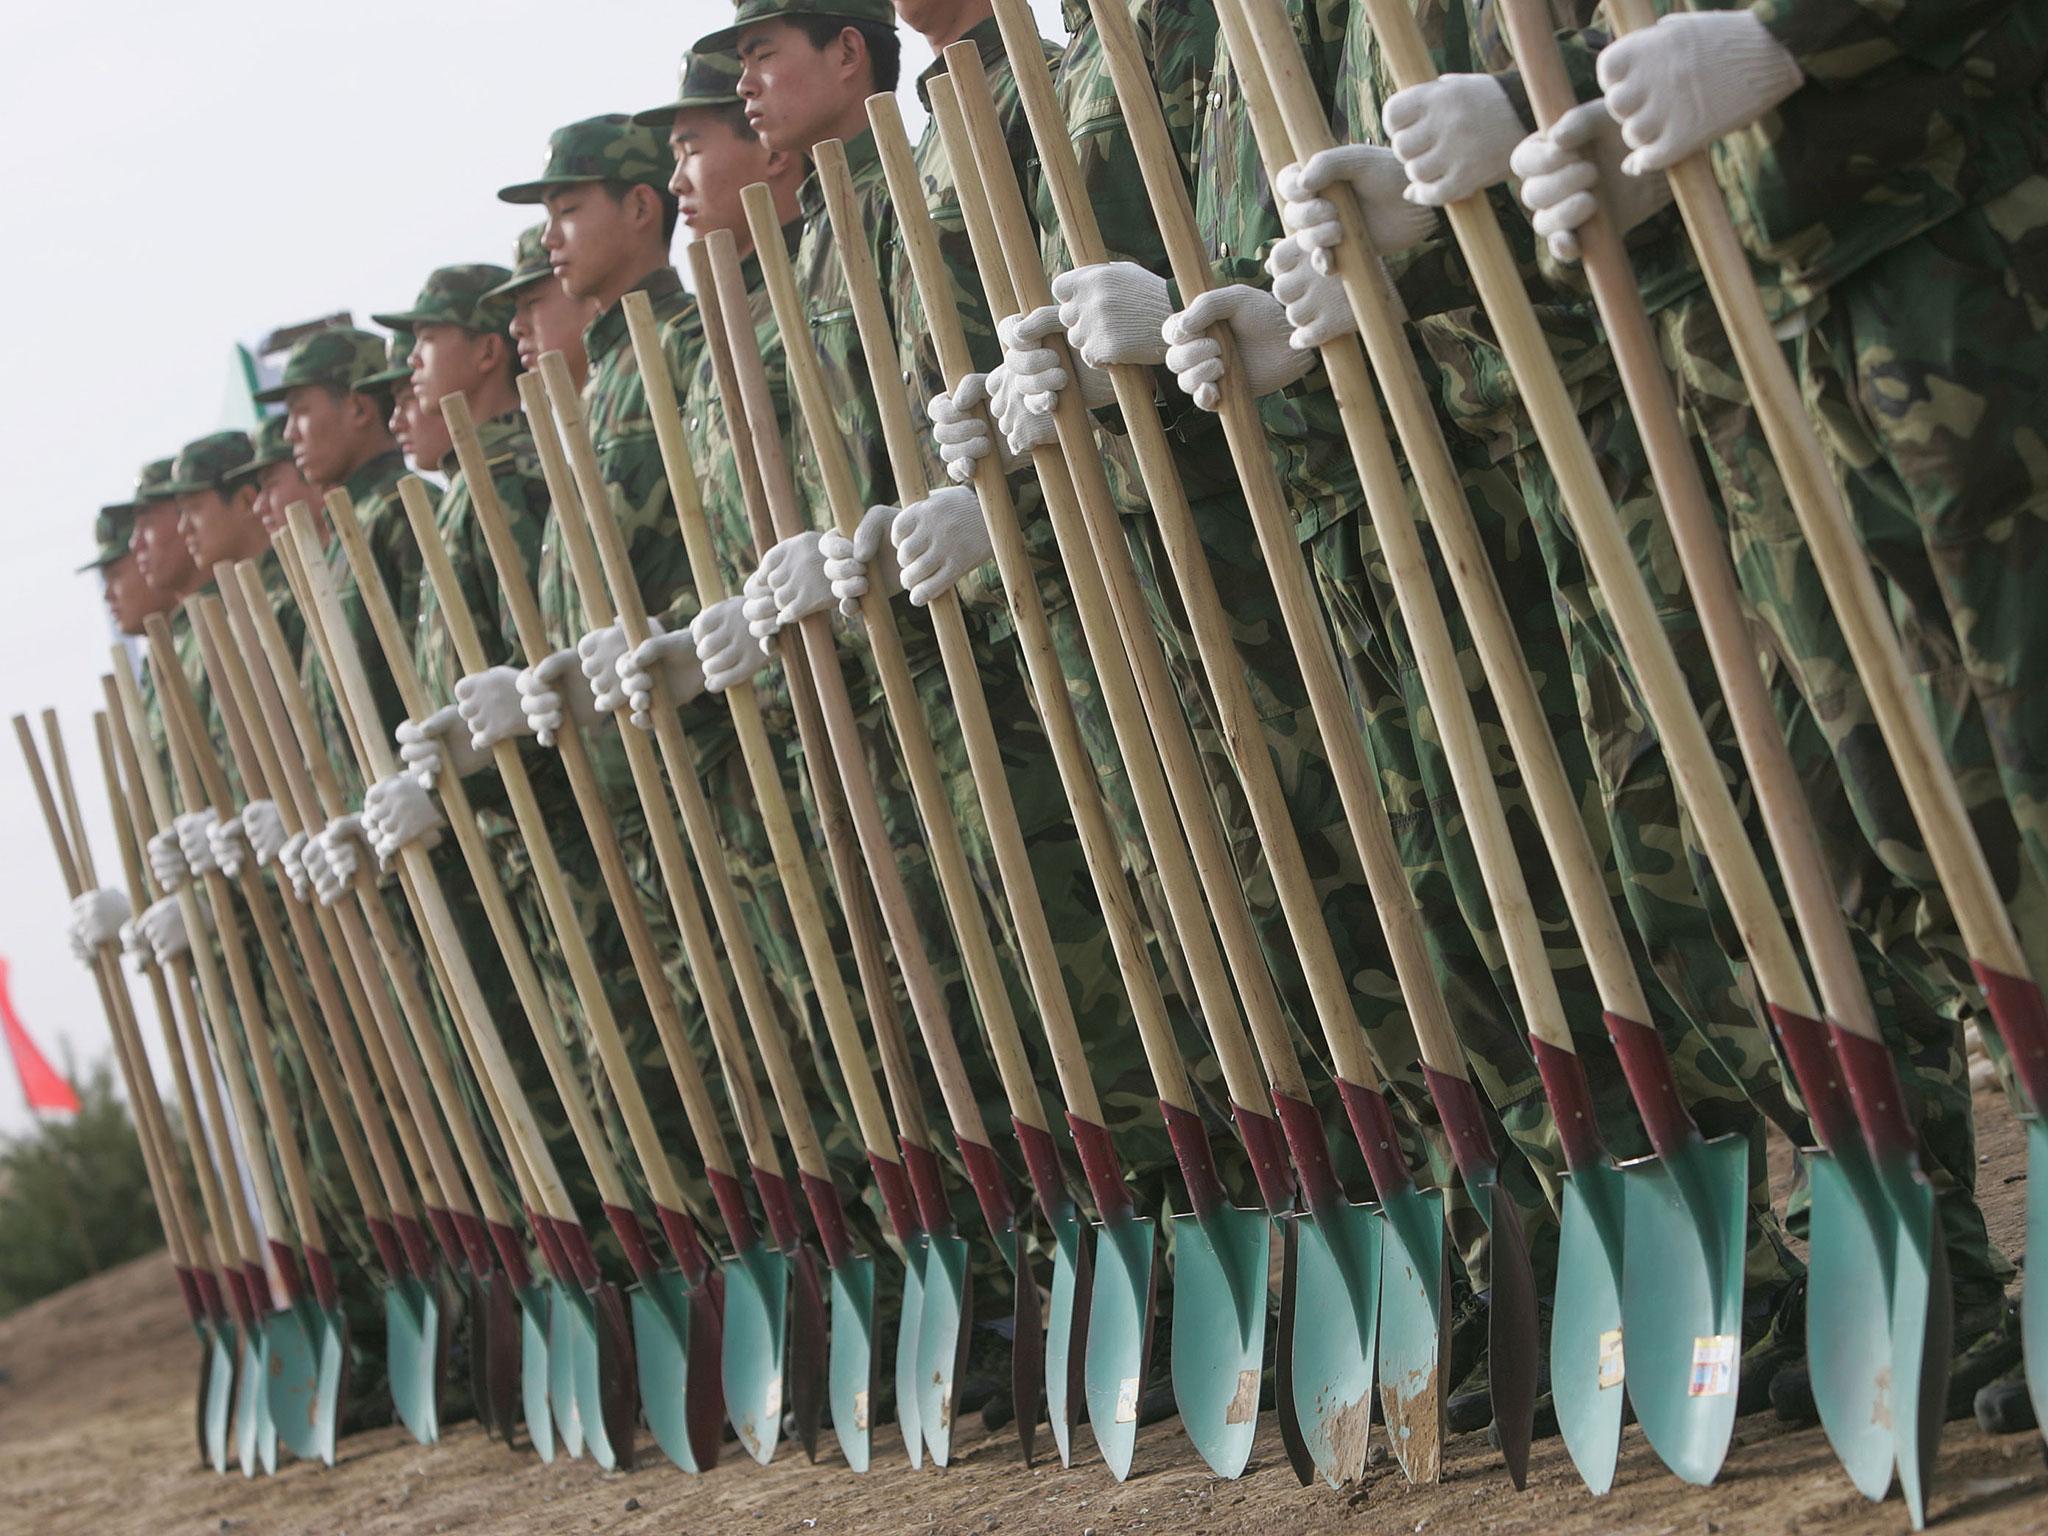 soldiersplanttrees-1534959008721-1534959010914.jpg